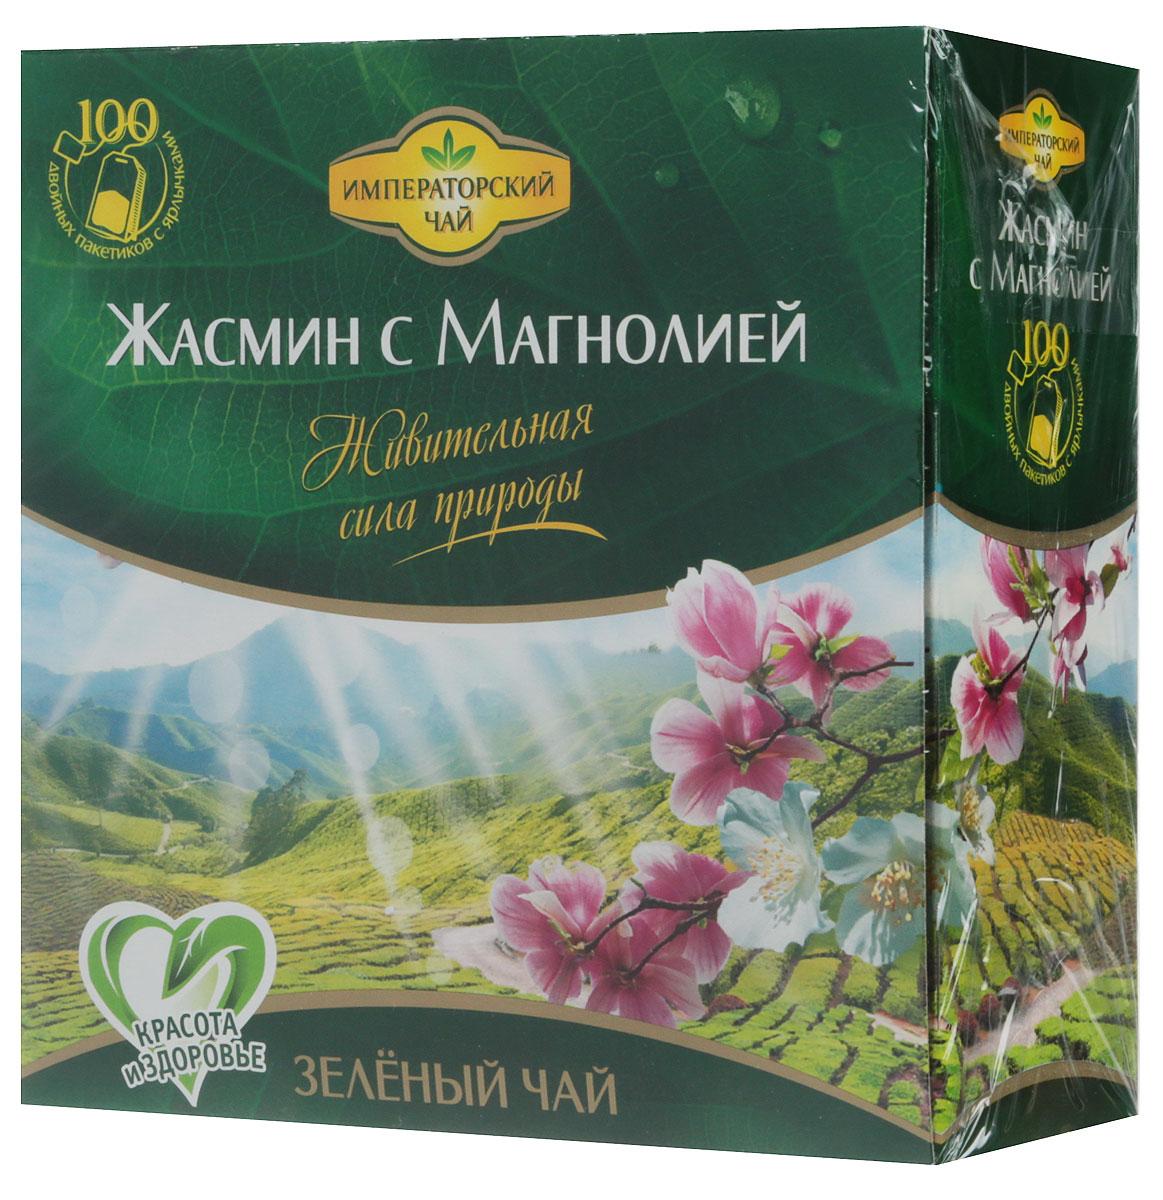 Императорский чай Жасмин и магнолия, 100 шт c lc006 100g 100% естественный самый свежий чай цветка жасмина органический зеленый чай здравствулте